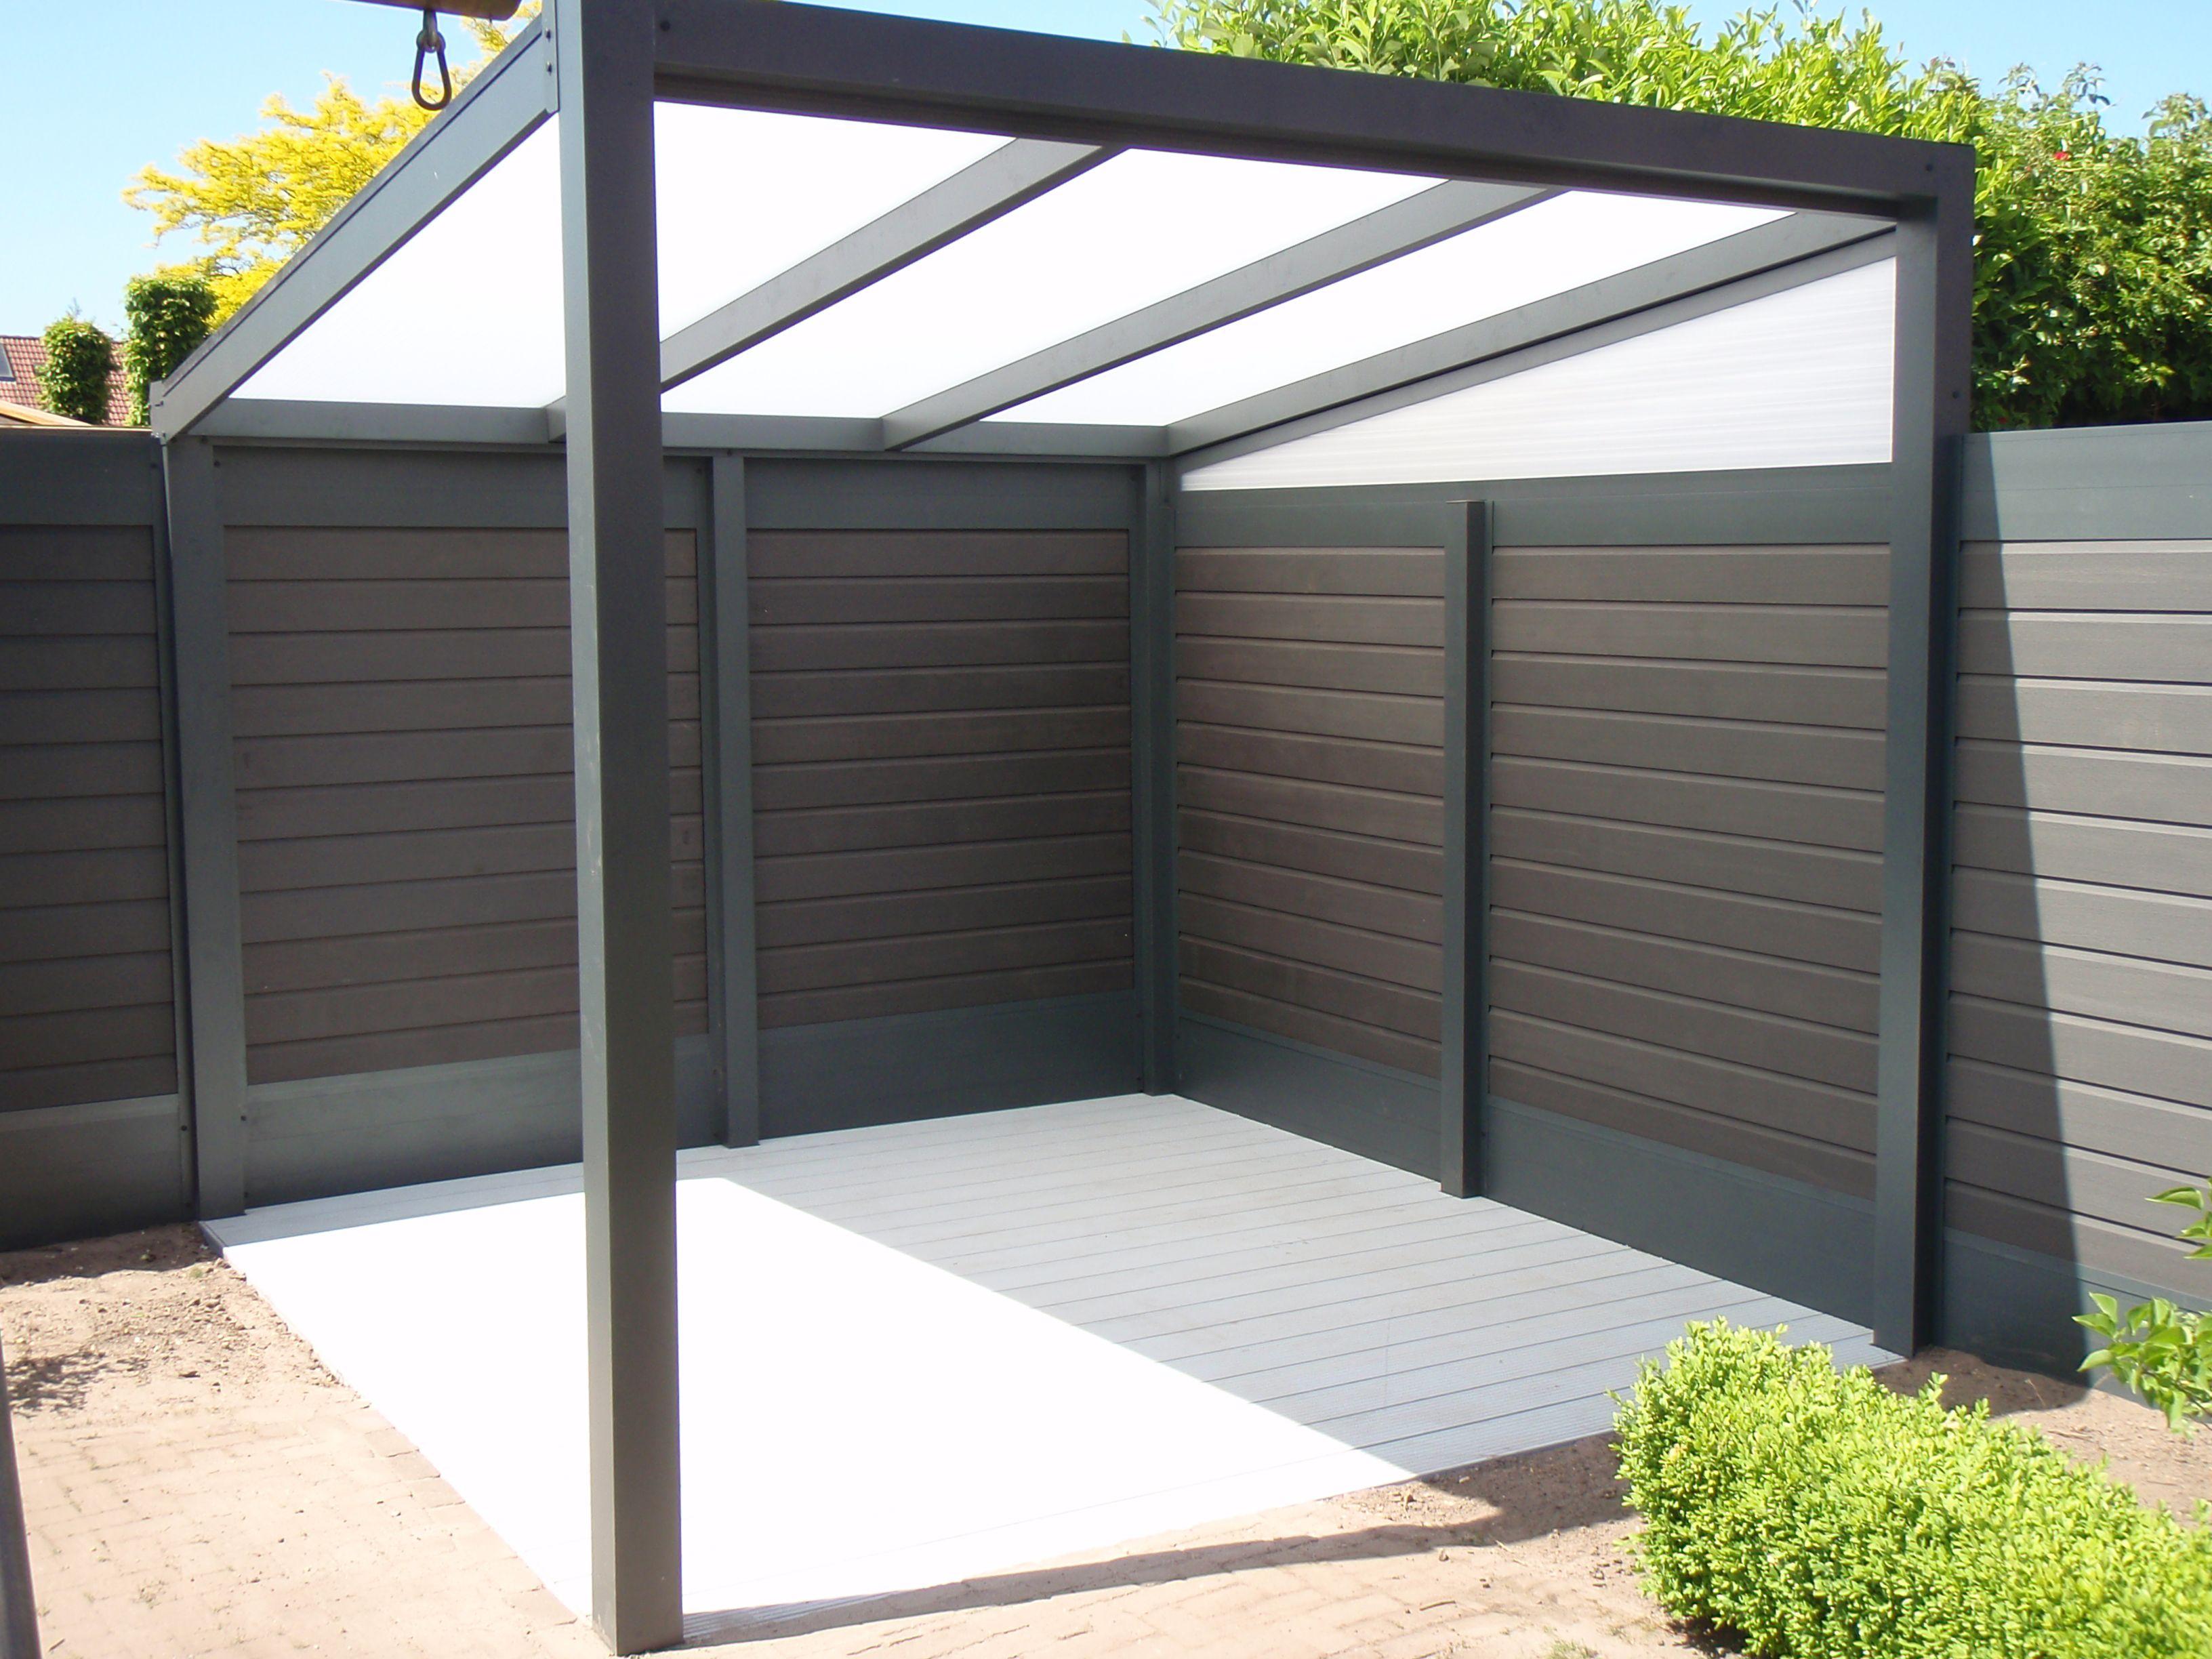 Veranda terrasoverkapping met combi schutting gemaakt van aluminium geeft sfeer in de tuin for Buiten patio model